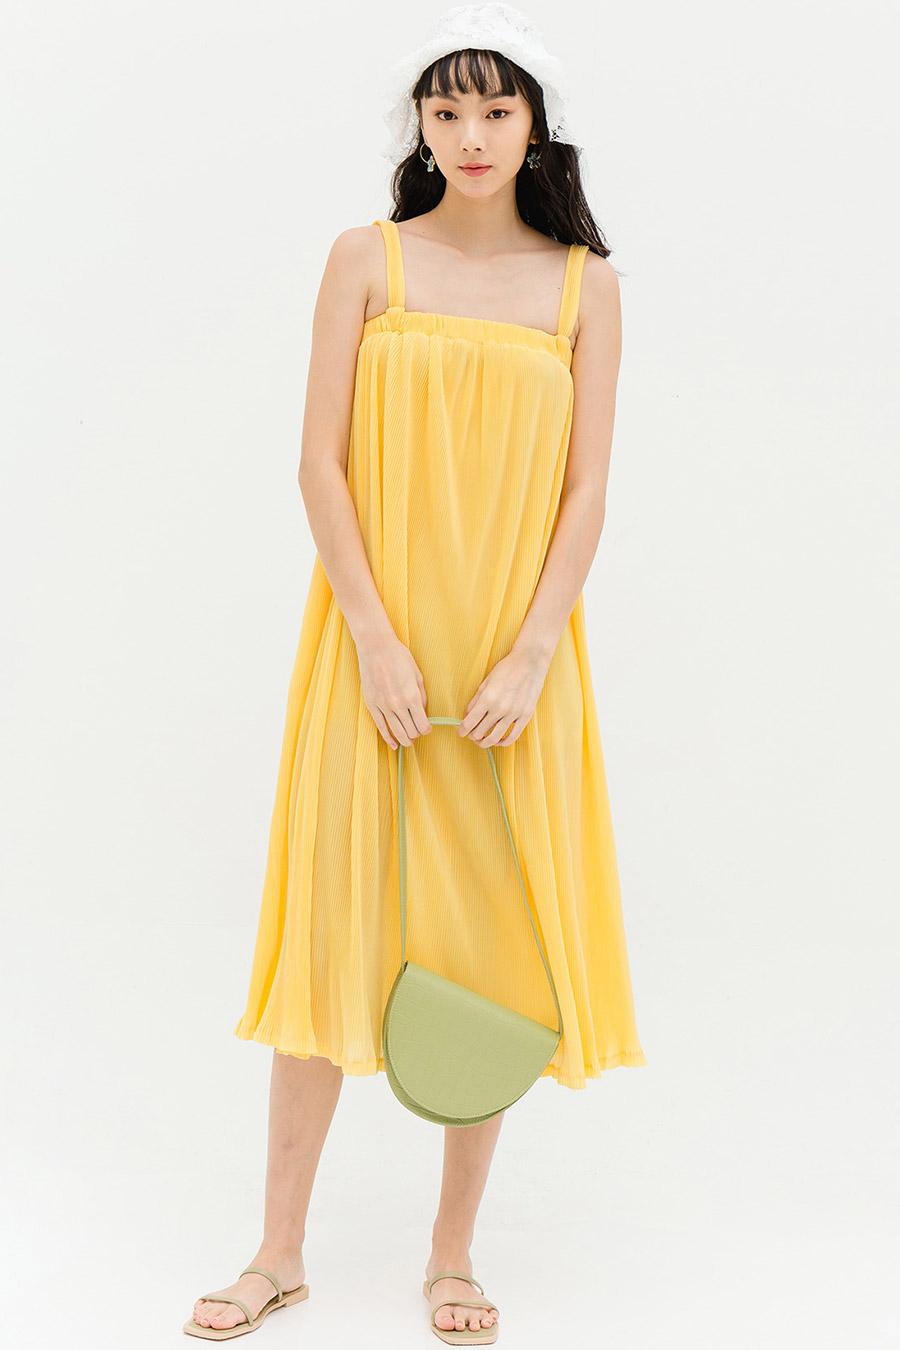 *PO* ANTONIA DRESS - SUN GOLD [BY MODPARADE]